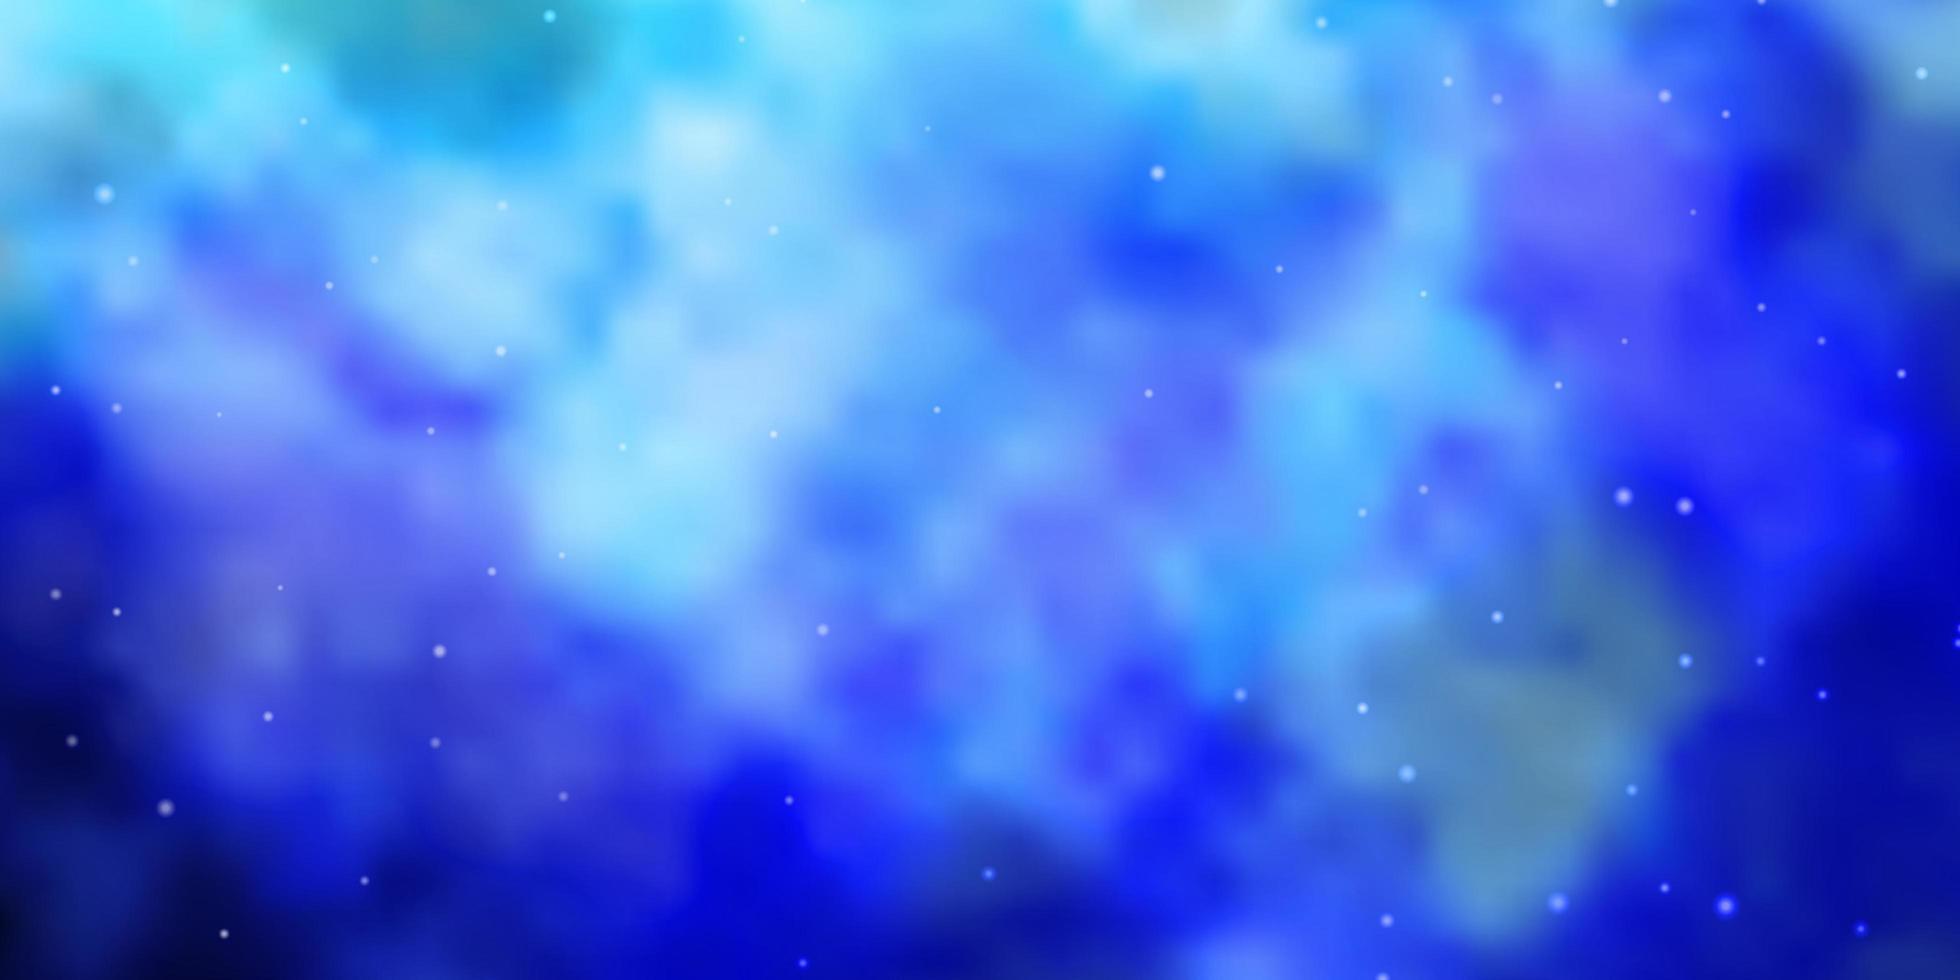 modelo de vetor azul claro com estrelas de néon.